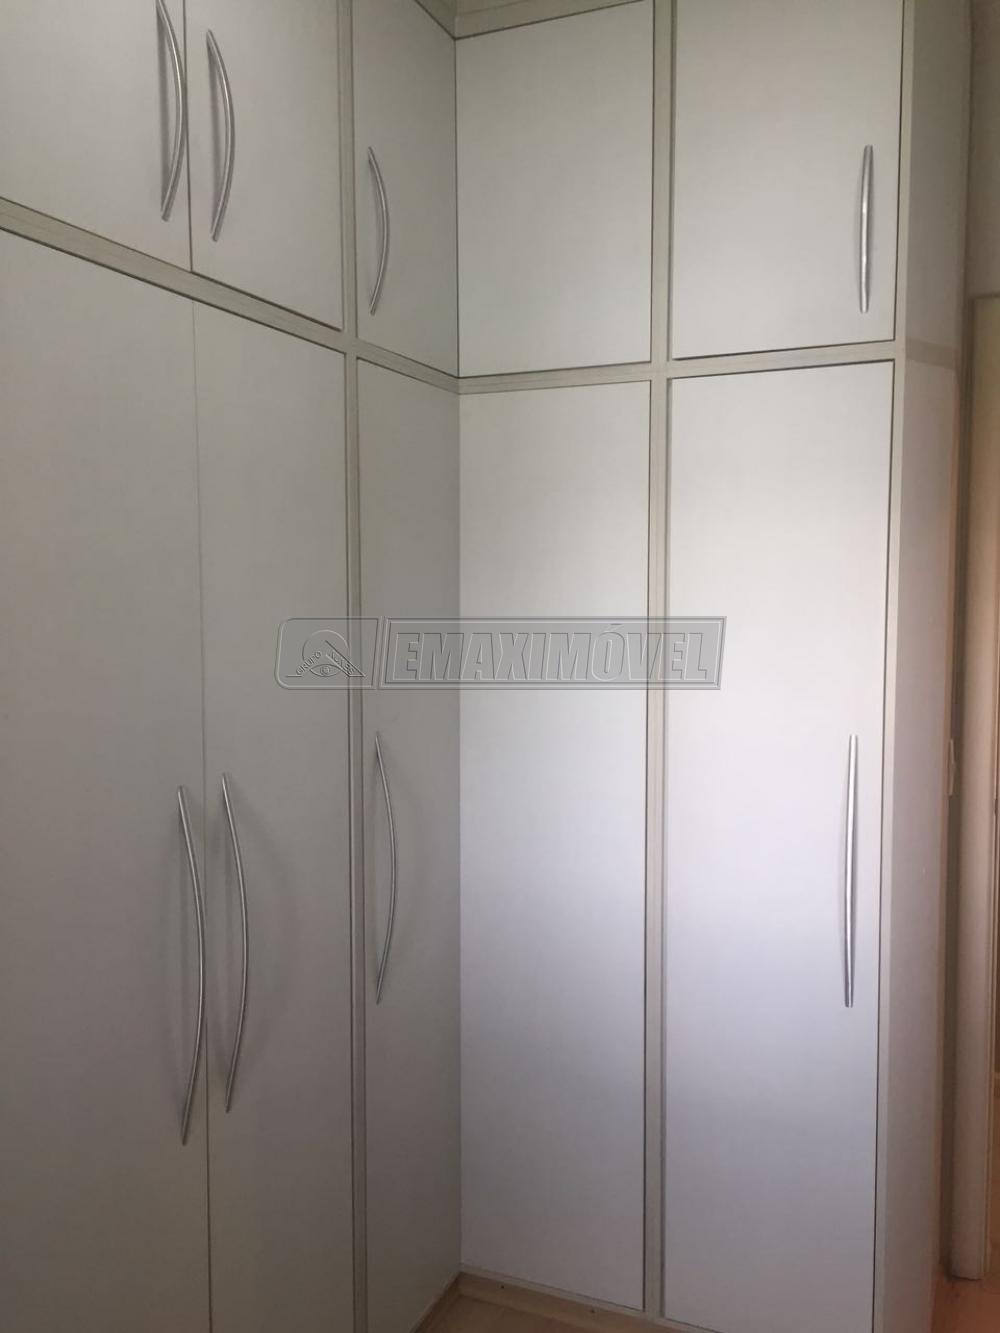 Comprar Apartamentos / Apto Padrão em Sorocaba apenas R$ 740.000,00 - Foto 13